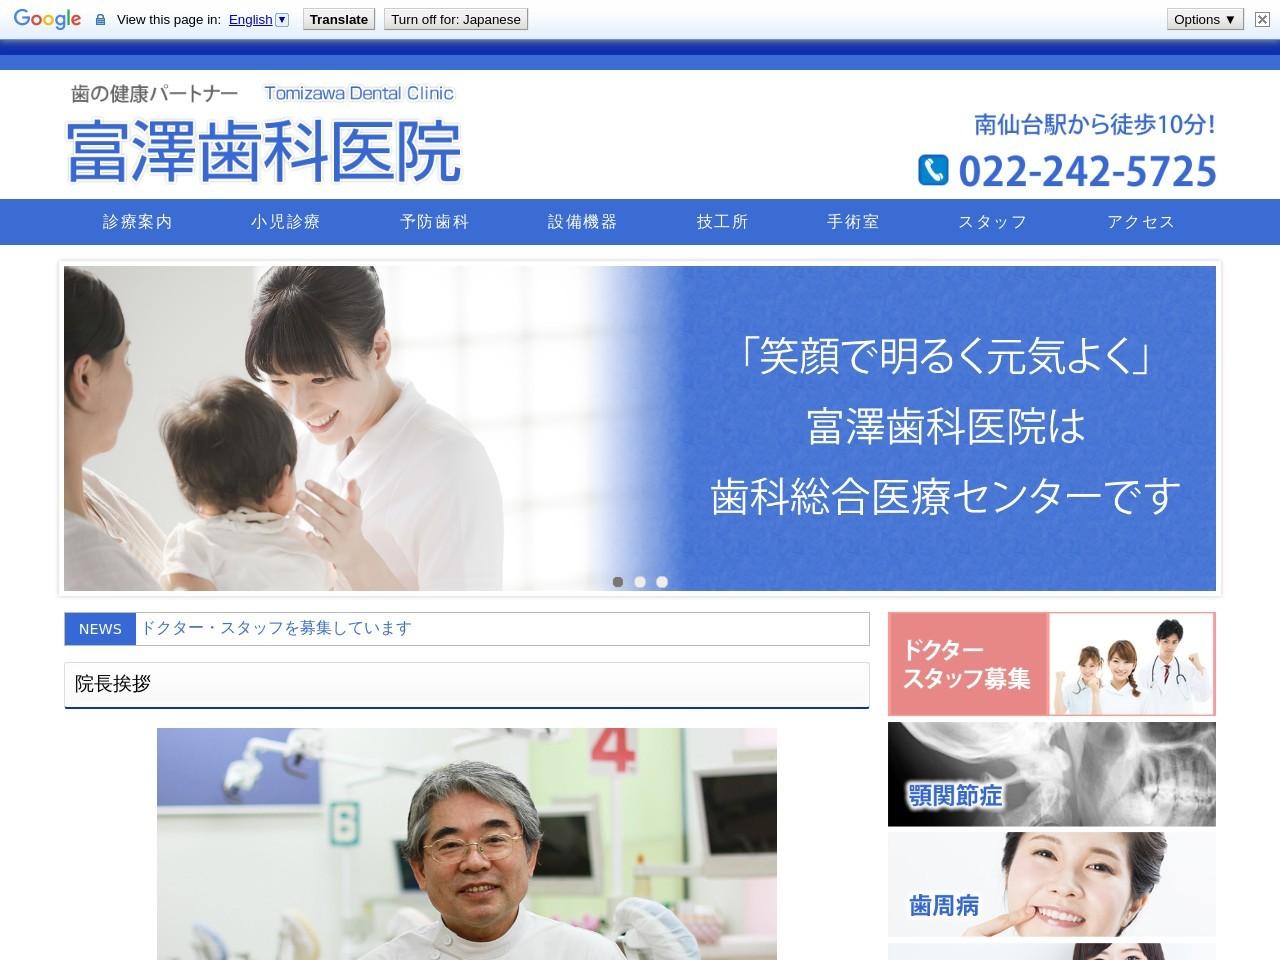 医療法人康志会  富澤歯科医院 (宮城県仙台市太白区)